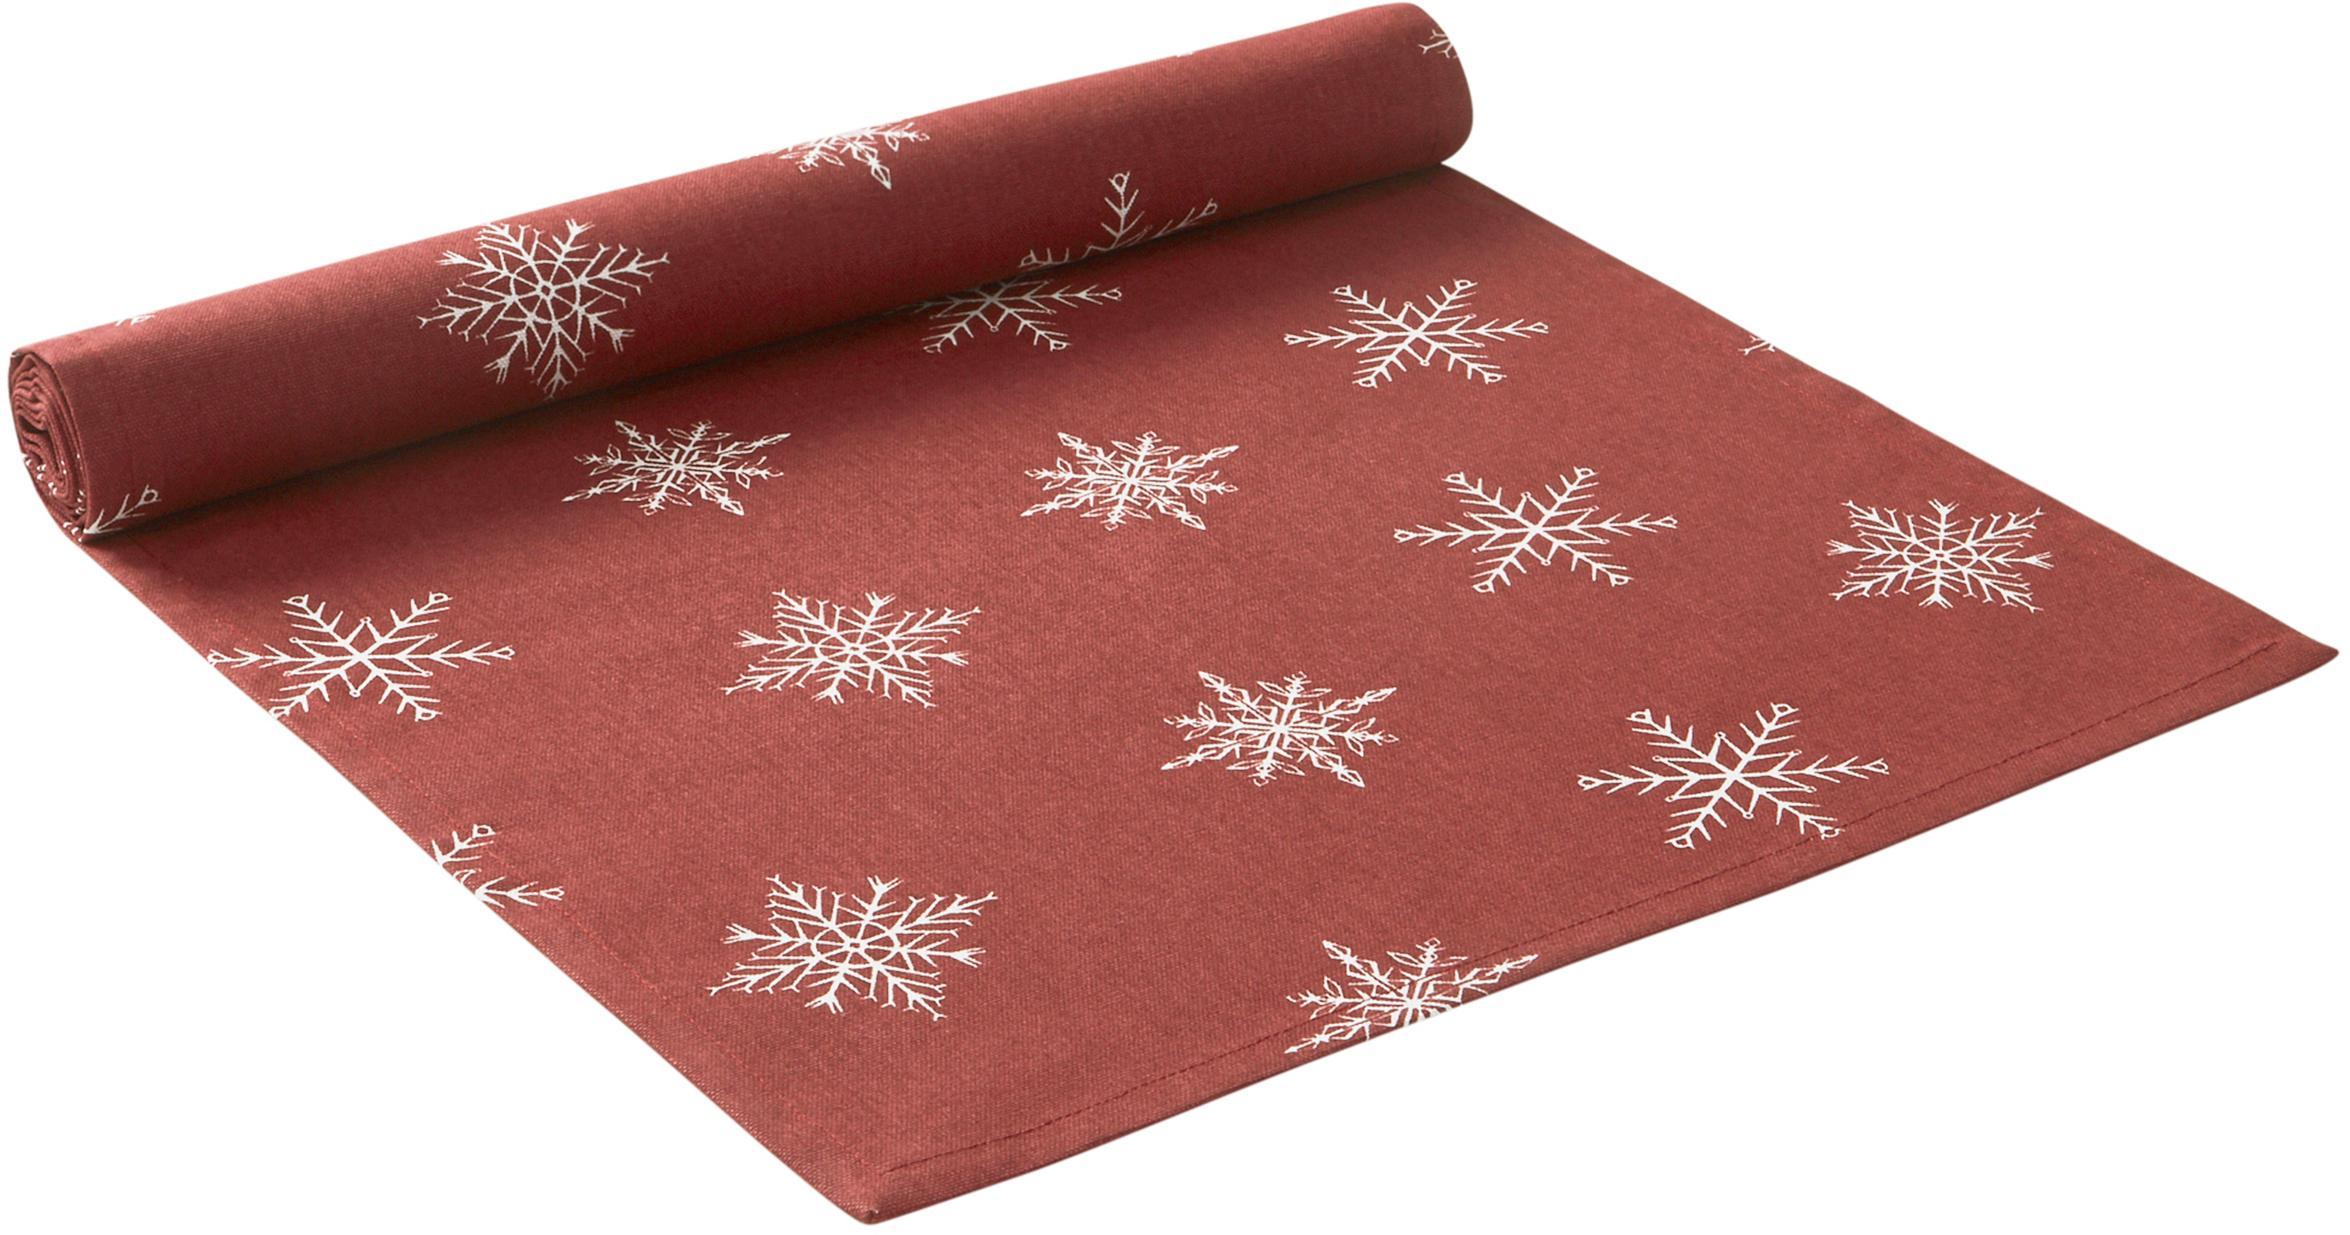 Bieżnik Snow, 100% bawełna pochodząca ze zrównoważonych upraw, Czerwony, biały, S 40 x D 140 cm